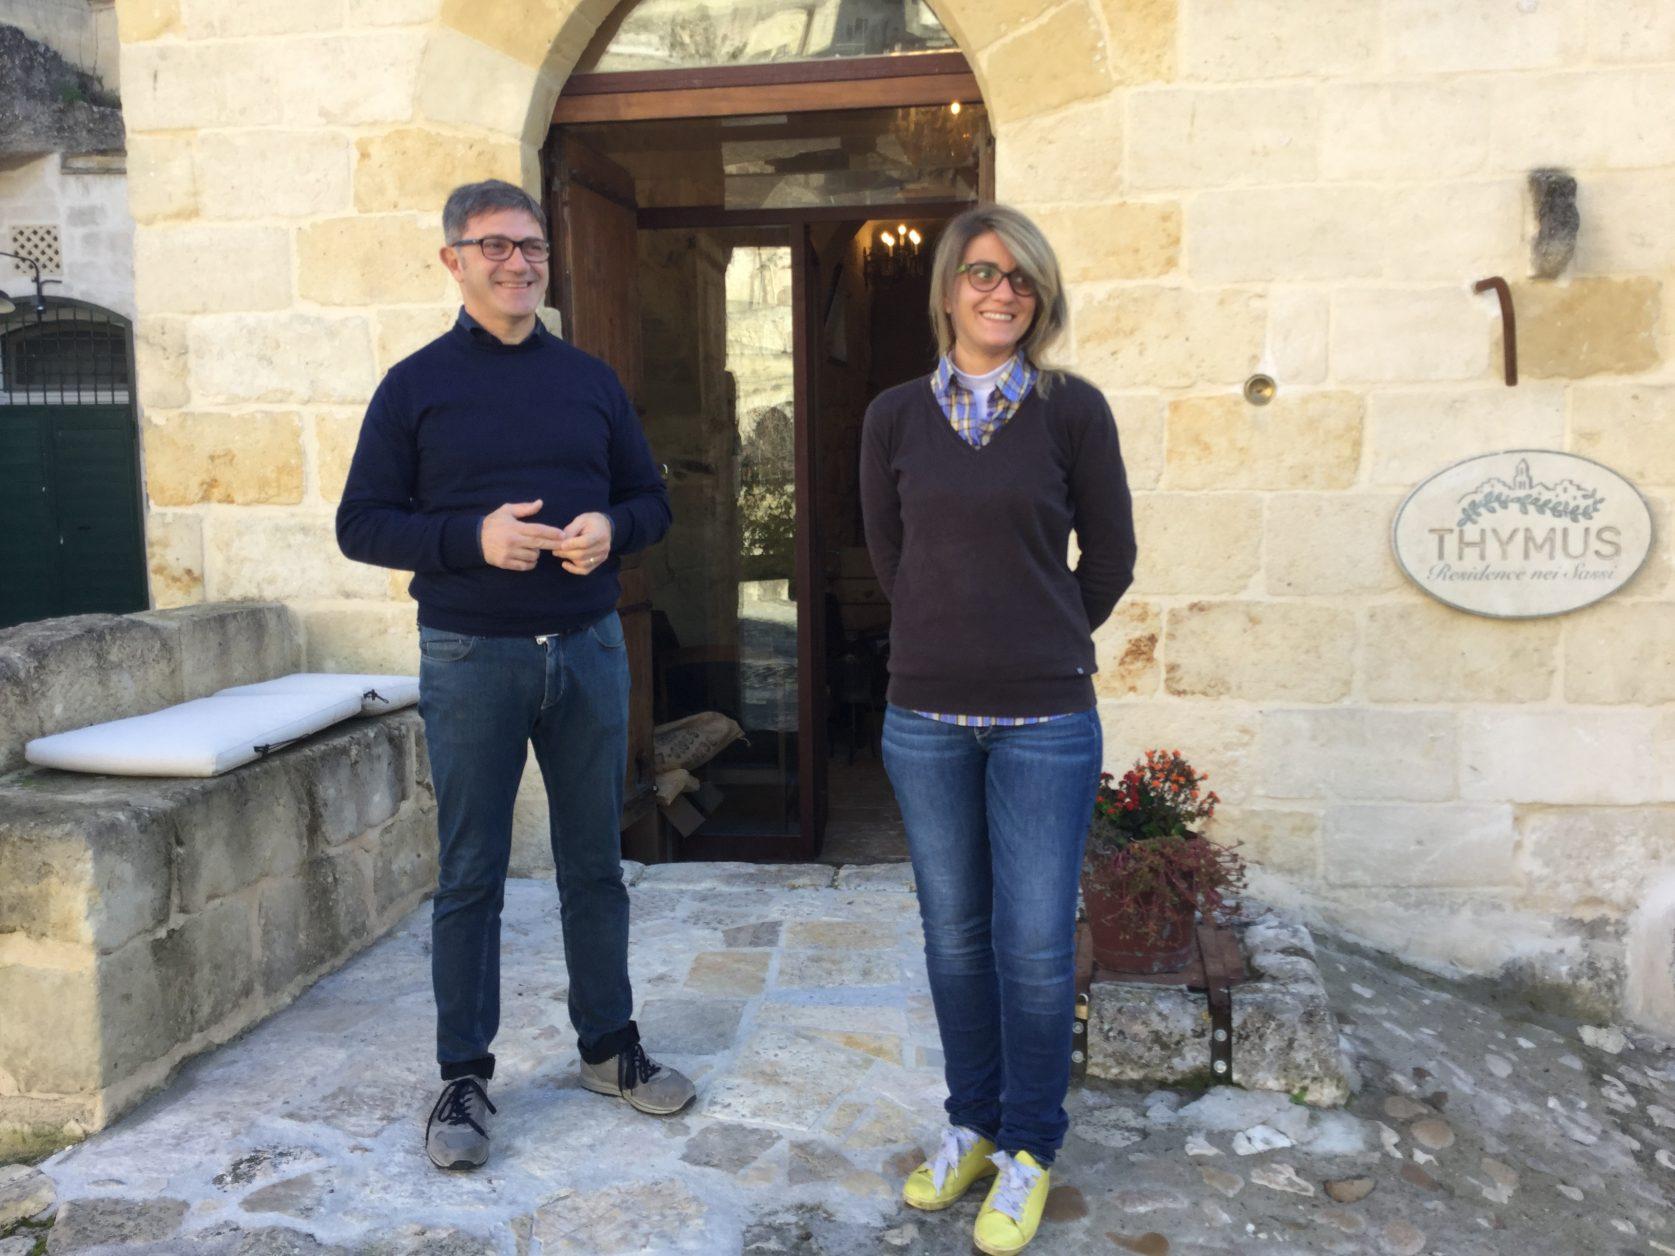 Das team der Thymus Residenz in Matera, Foto: Weirauch